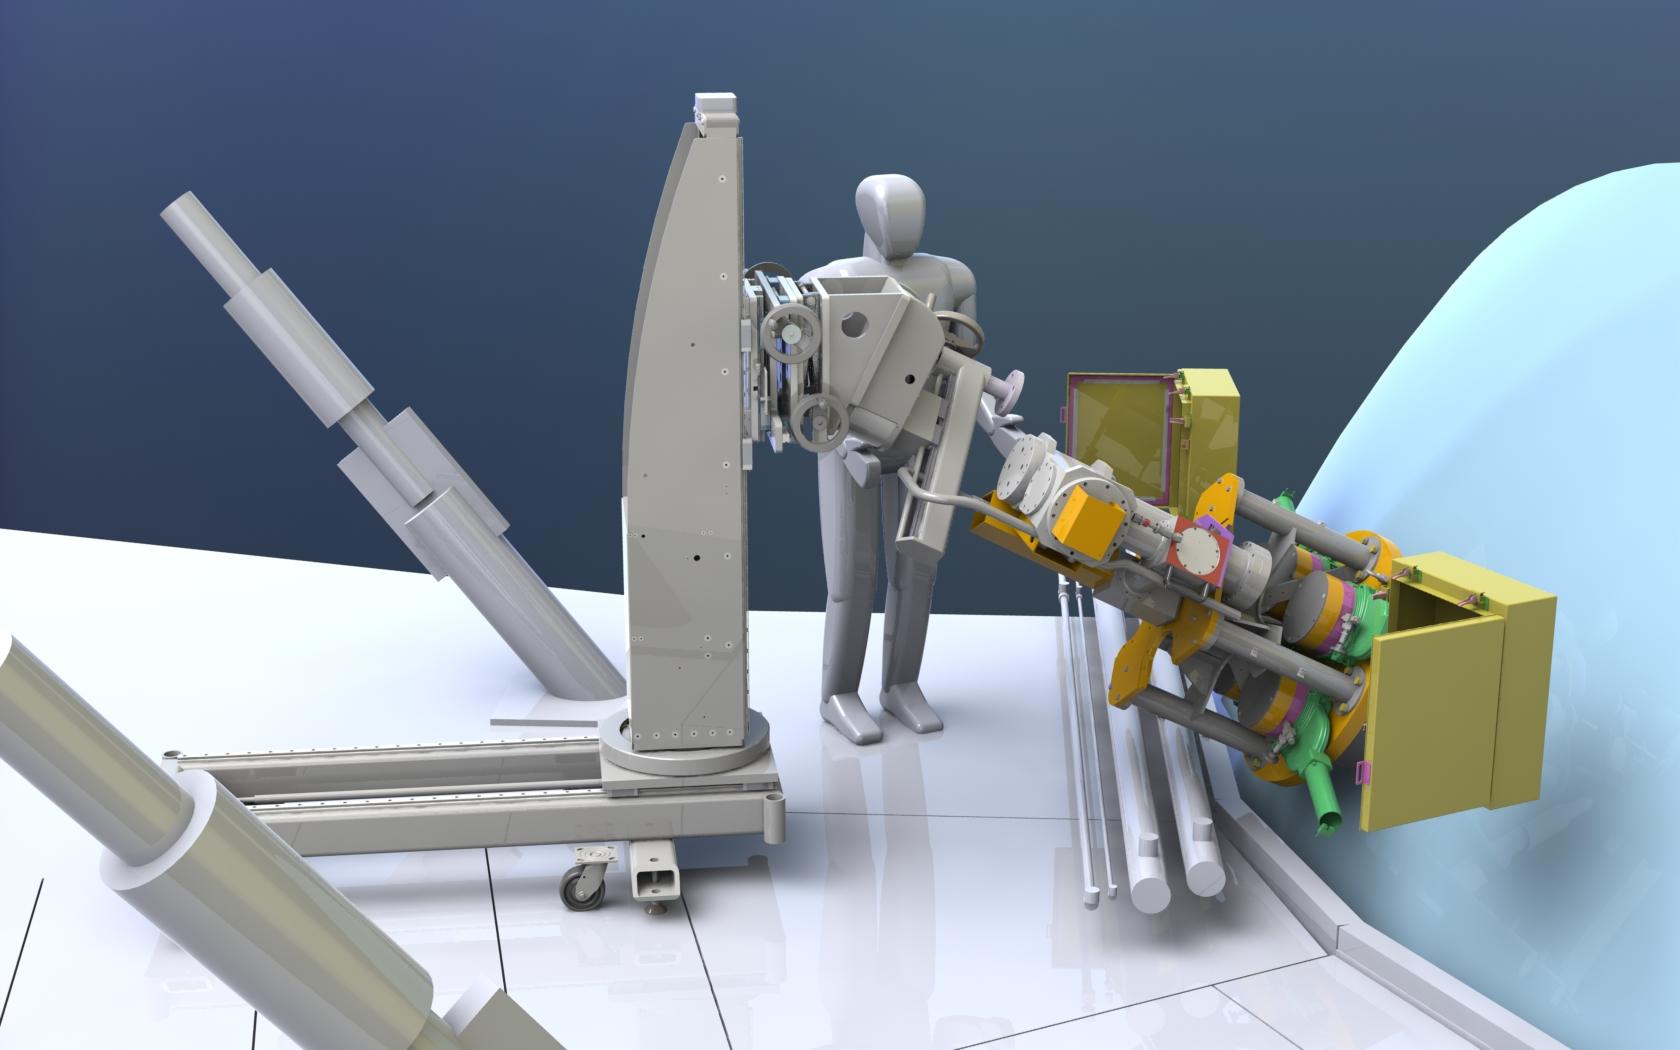 国際物流総合展 - INNOVATION EXPO - にSAアームリフトが出展いたします。